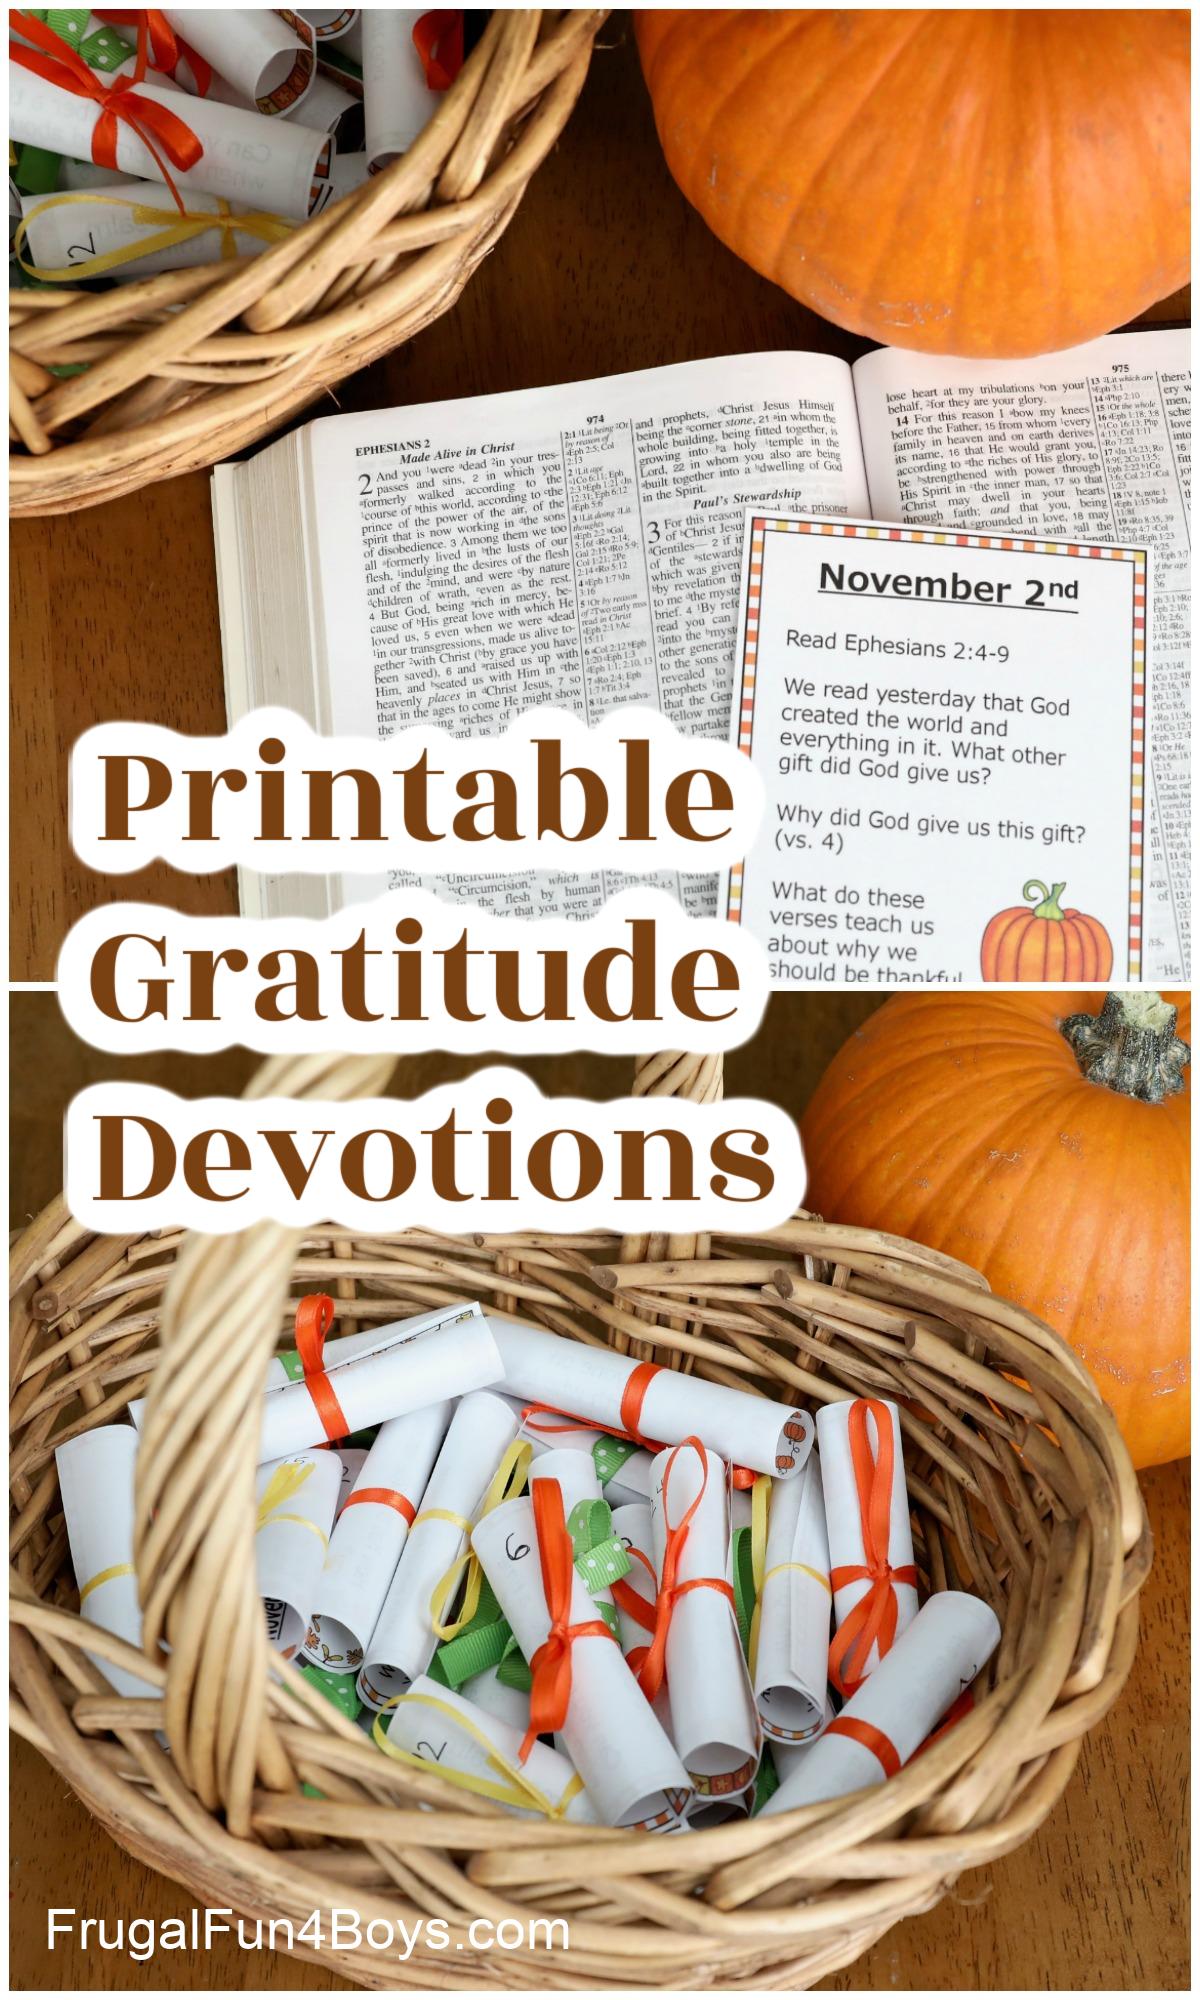 Printable Gratitude Devotions for November